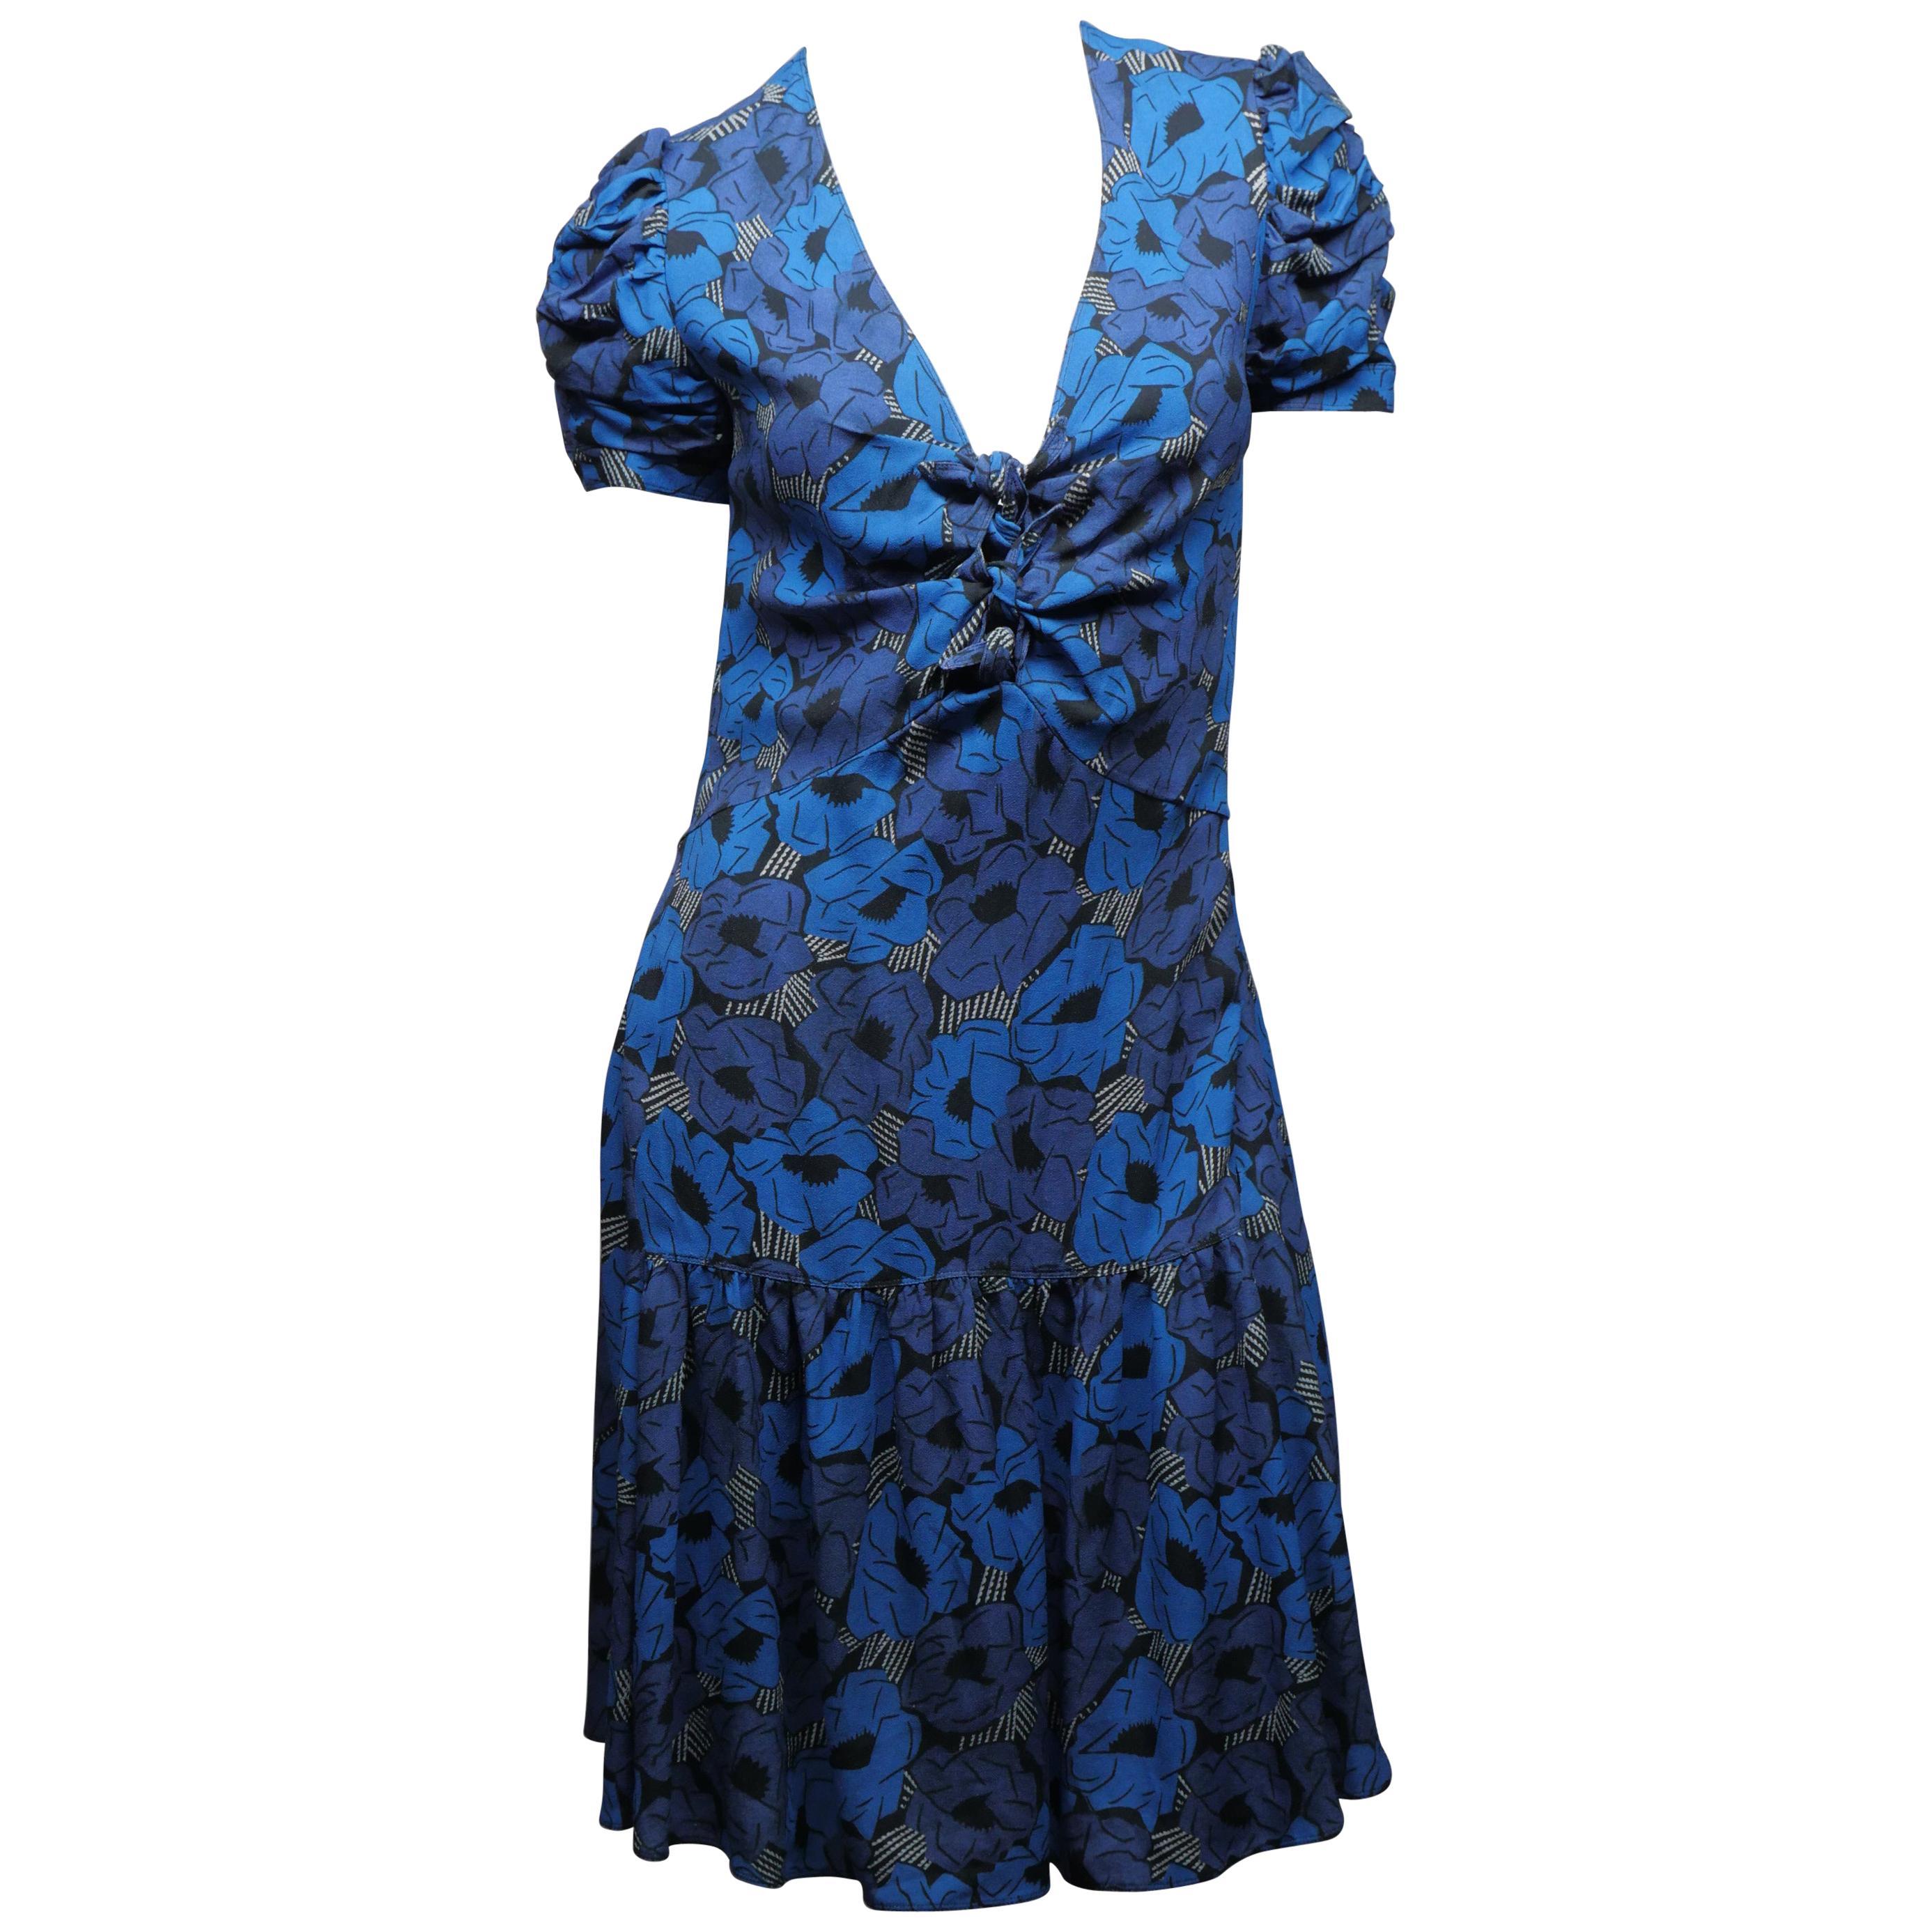 Yves Saint Laurent Size 38 Blue Floral Dress